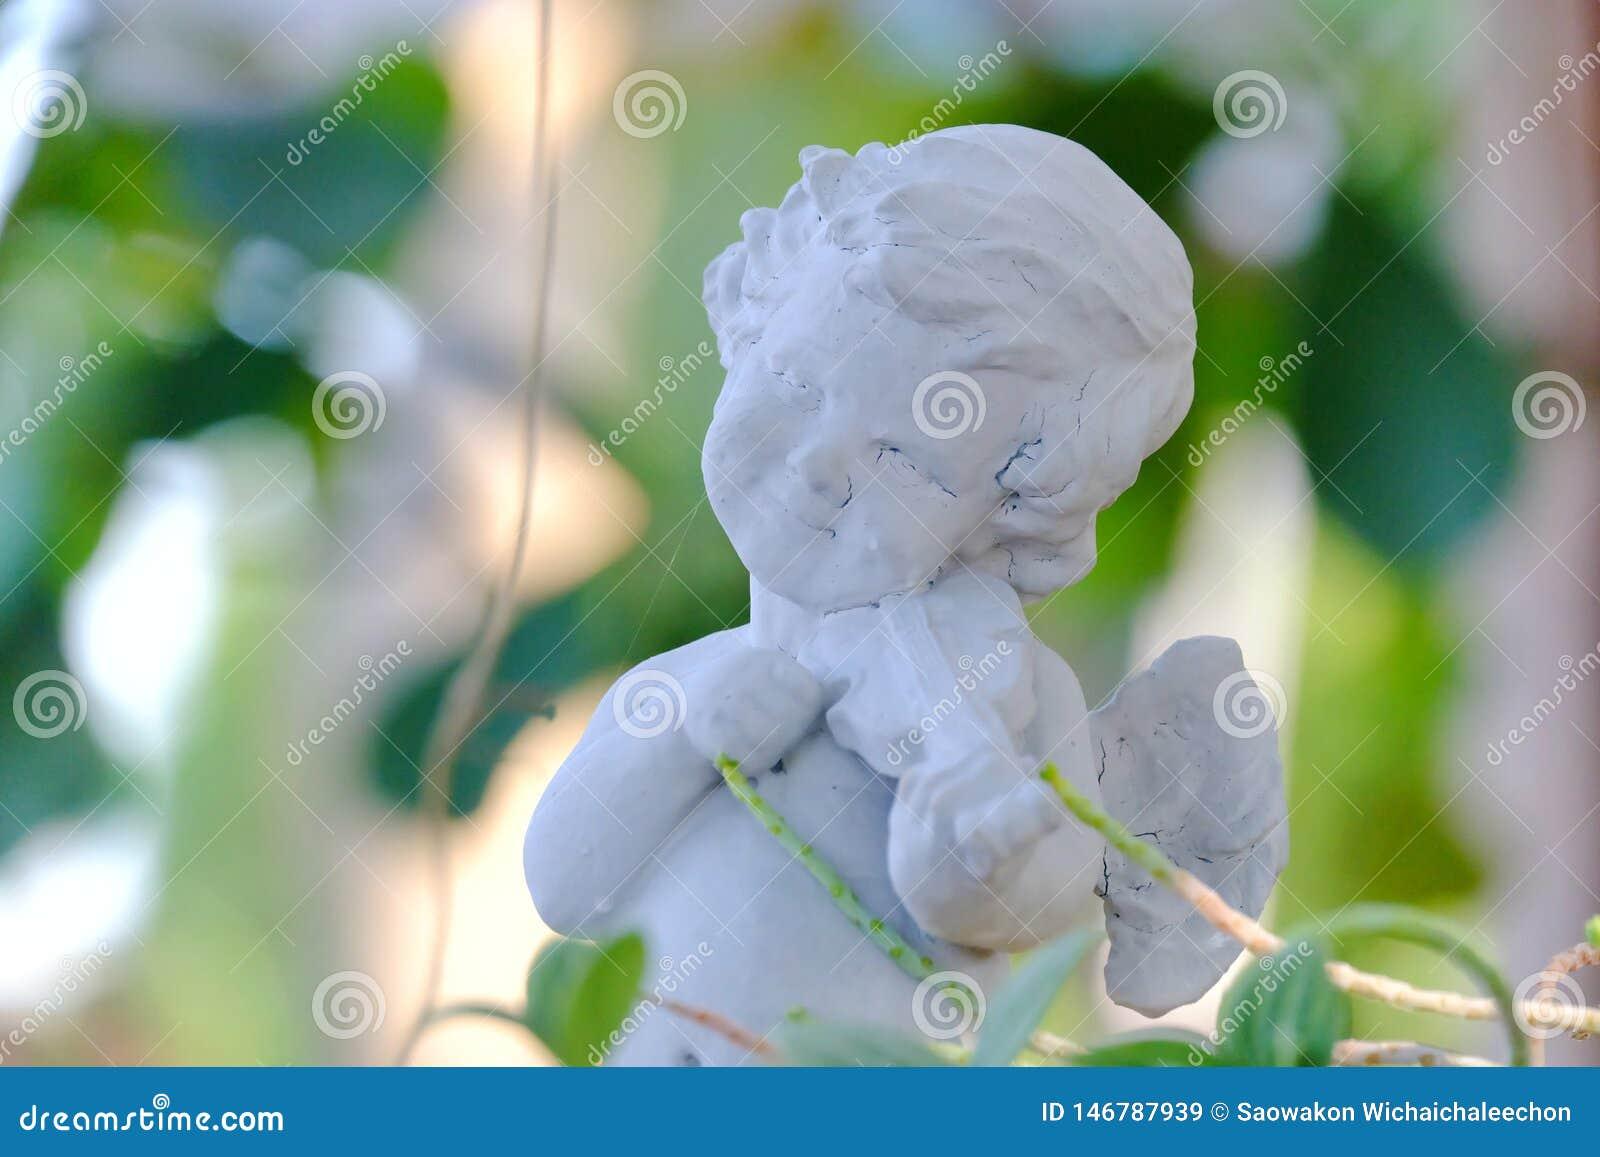 Ένα χαριτωμένο άσπρο γλυπτό cupid που παίζει ένα βιολί και που κοιτάζει επίμονα σε έναν πράσινο κήπο